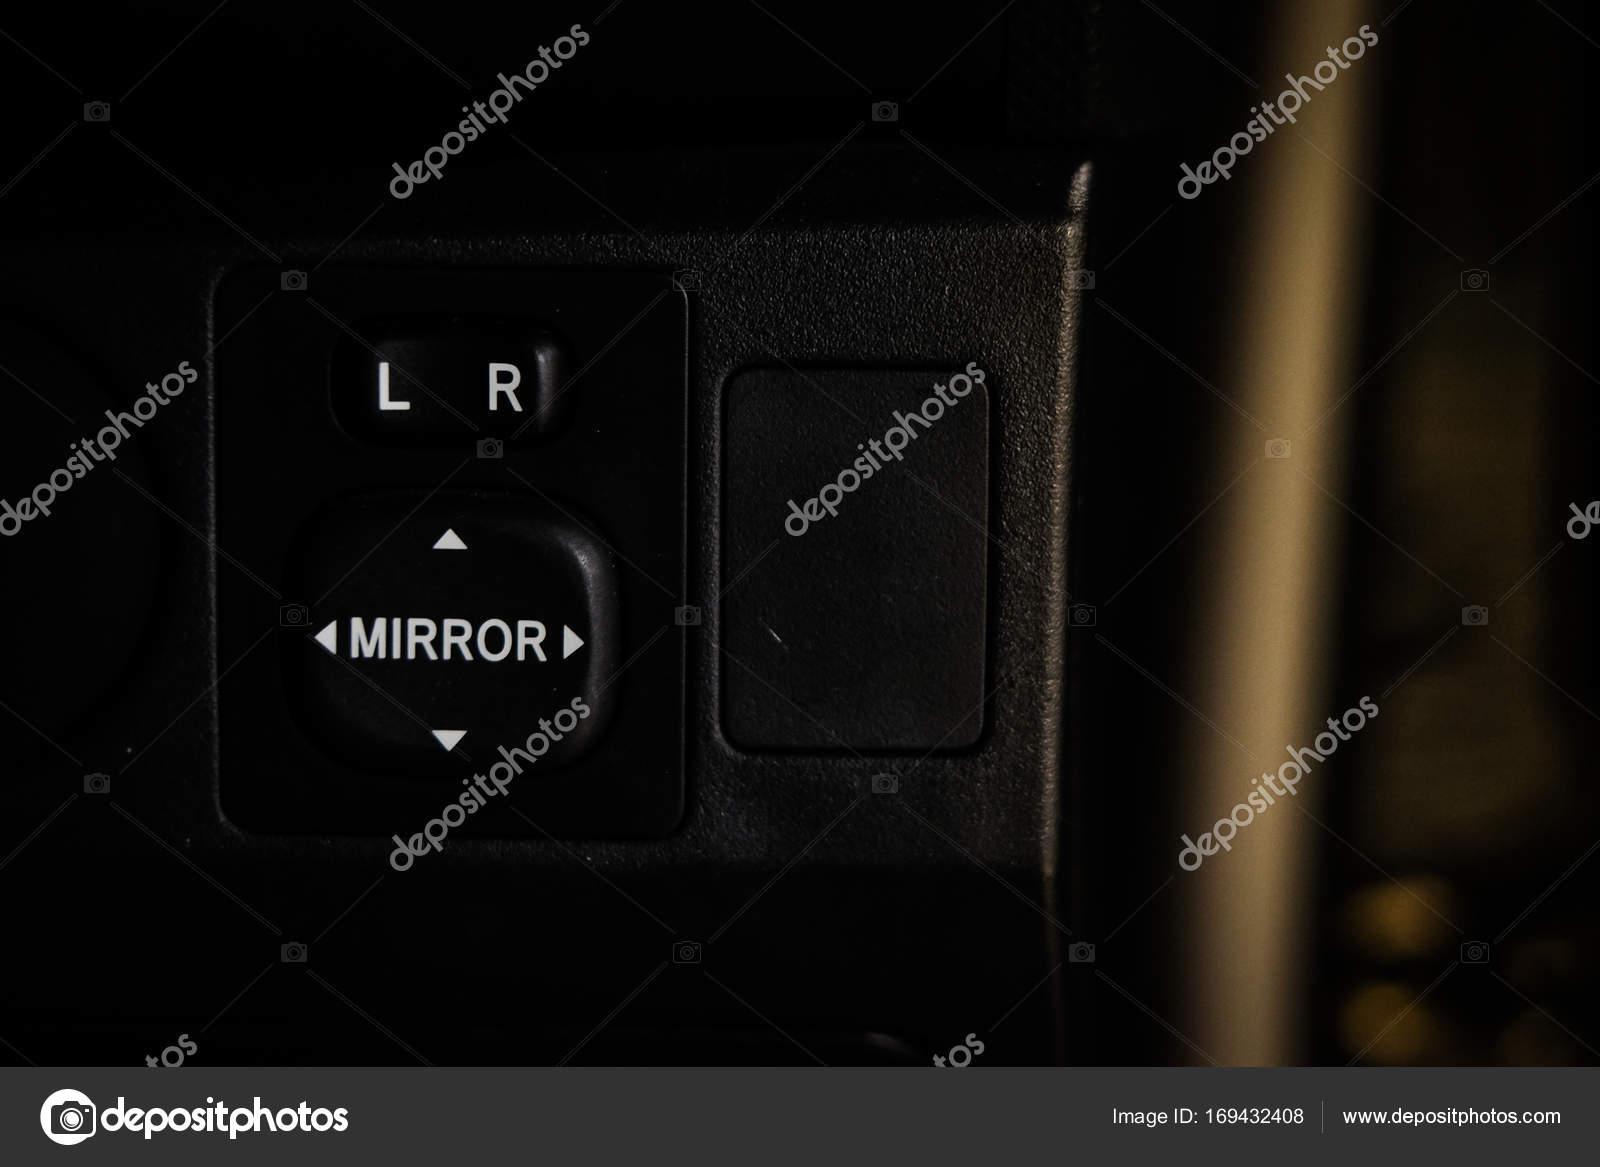 knop spiegel voor de spiegel kant links of rechts aanpassen tijdens het rijden veiligheid veilige concept interieur auto foto van nawanthorn21